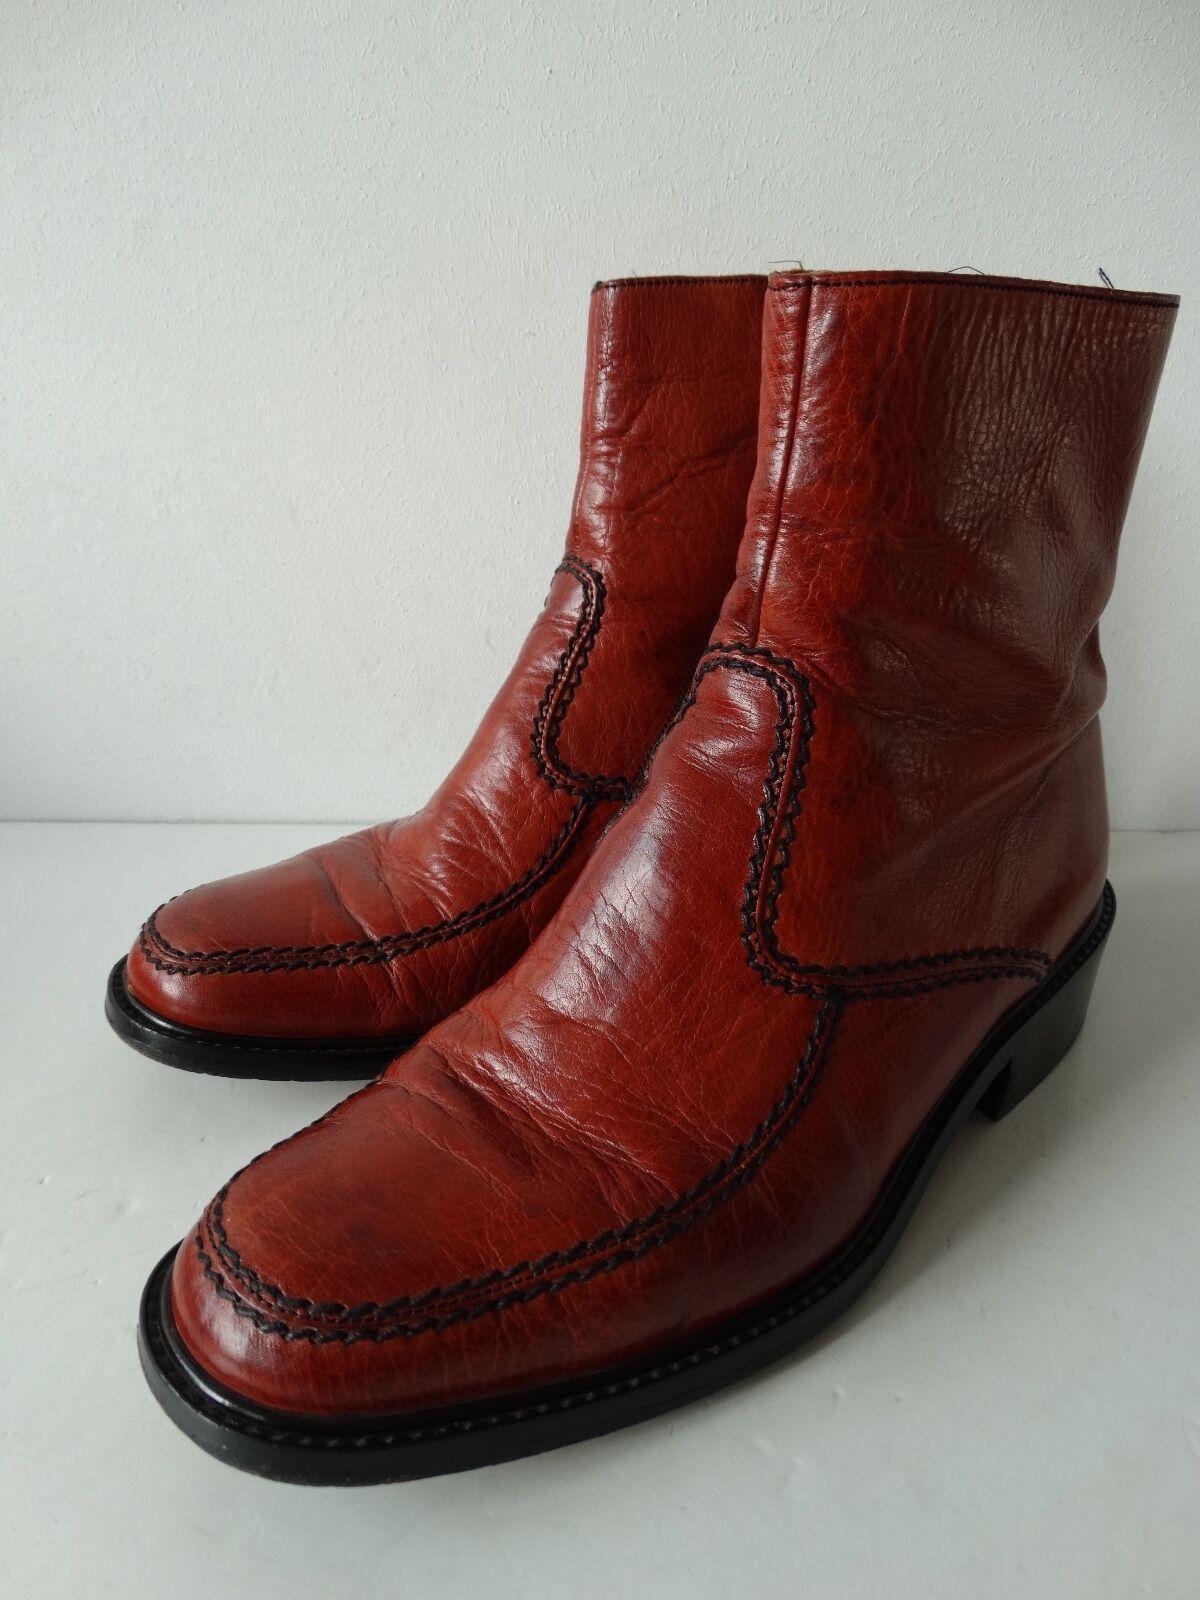 Vintage zapatos zapatos zapatos caballero botines talla 7,5 (41) 70er 70´s Top  Tienda de moda y compras online.